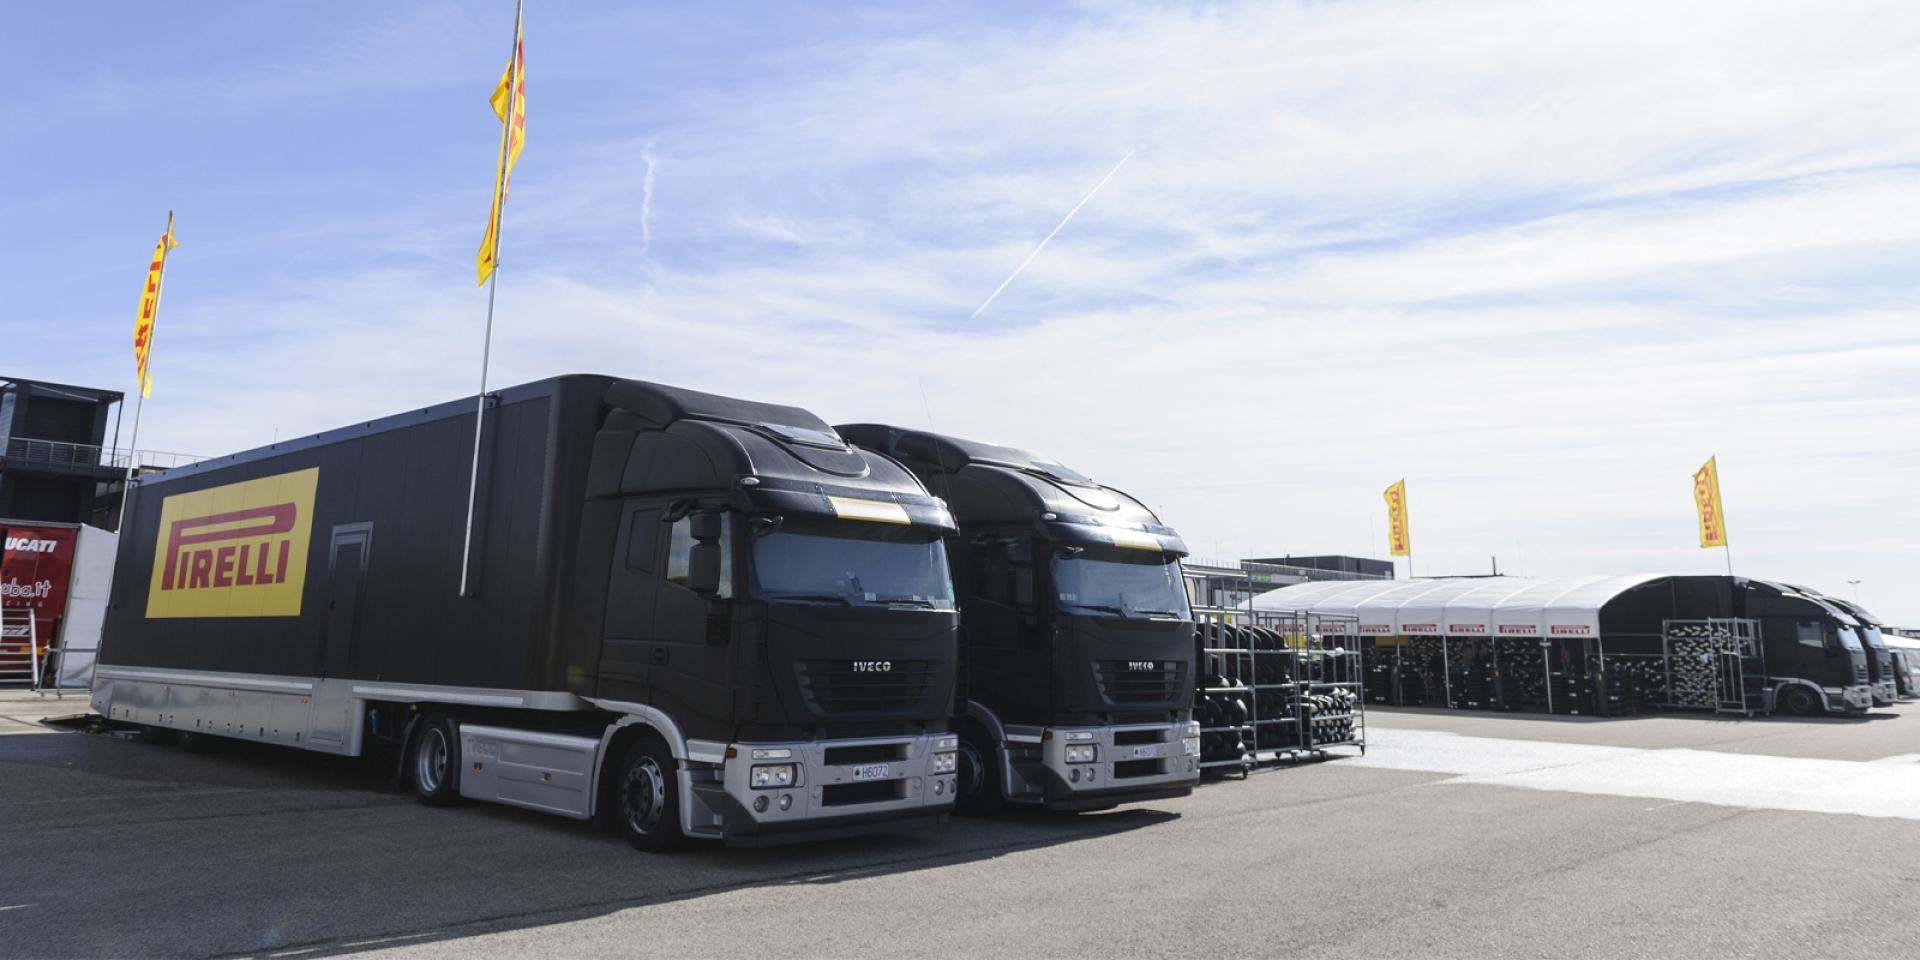 WSBK重返西班牙,面對全新Navarra賽道,倍耐力帶來廣獲車手群信賴的標準賽事用胎與全新解決方案應援車手奮力演出。